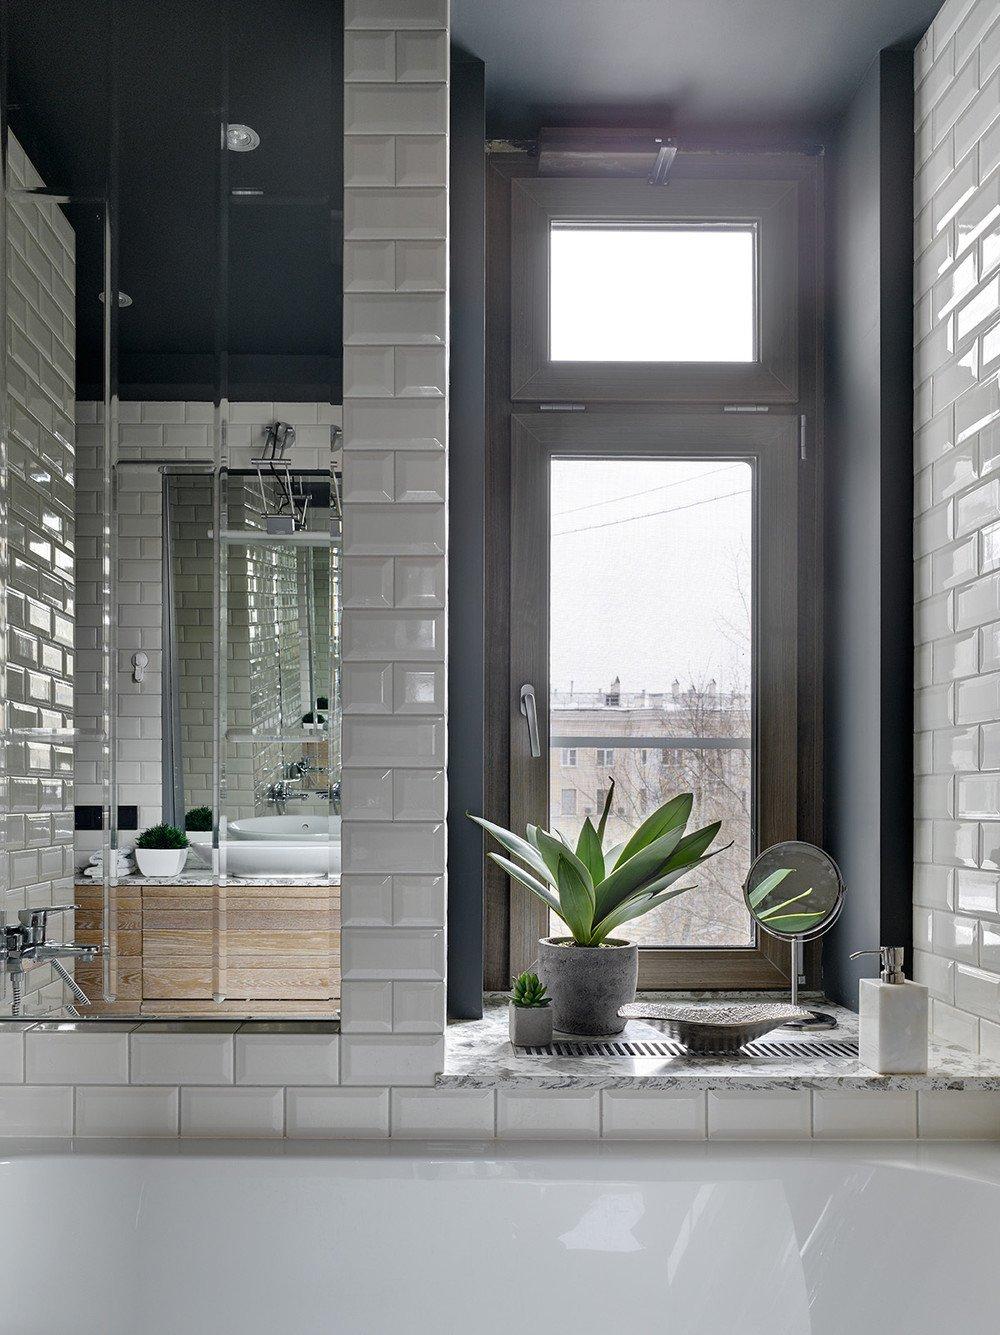 6,2 m2 fürdőszoba loft stílusban (4 kép + alaprajz ...